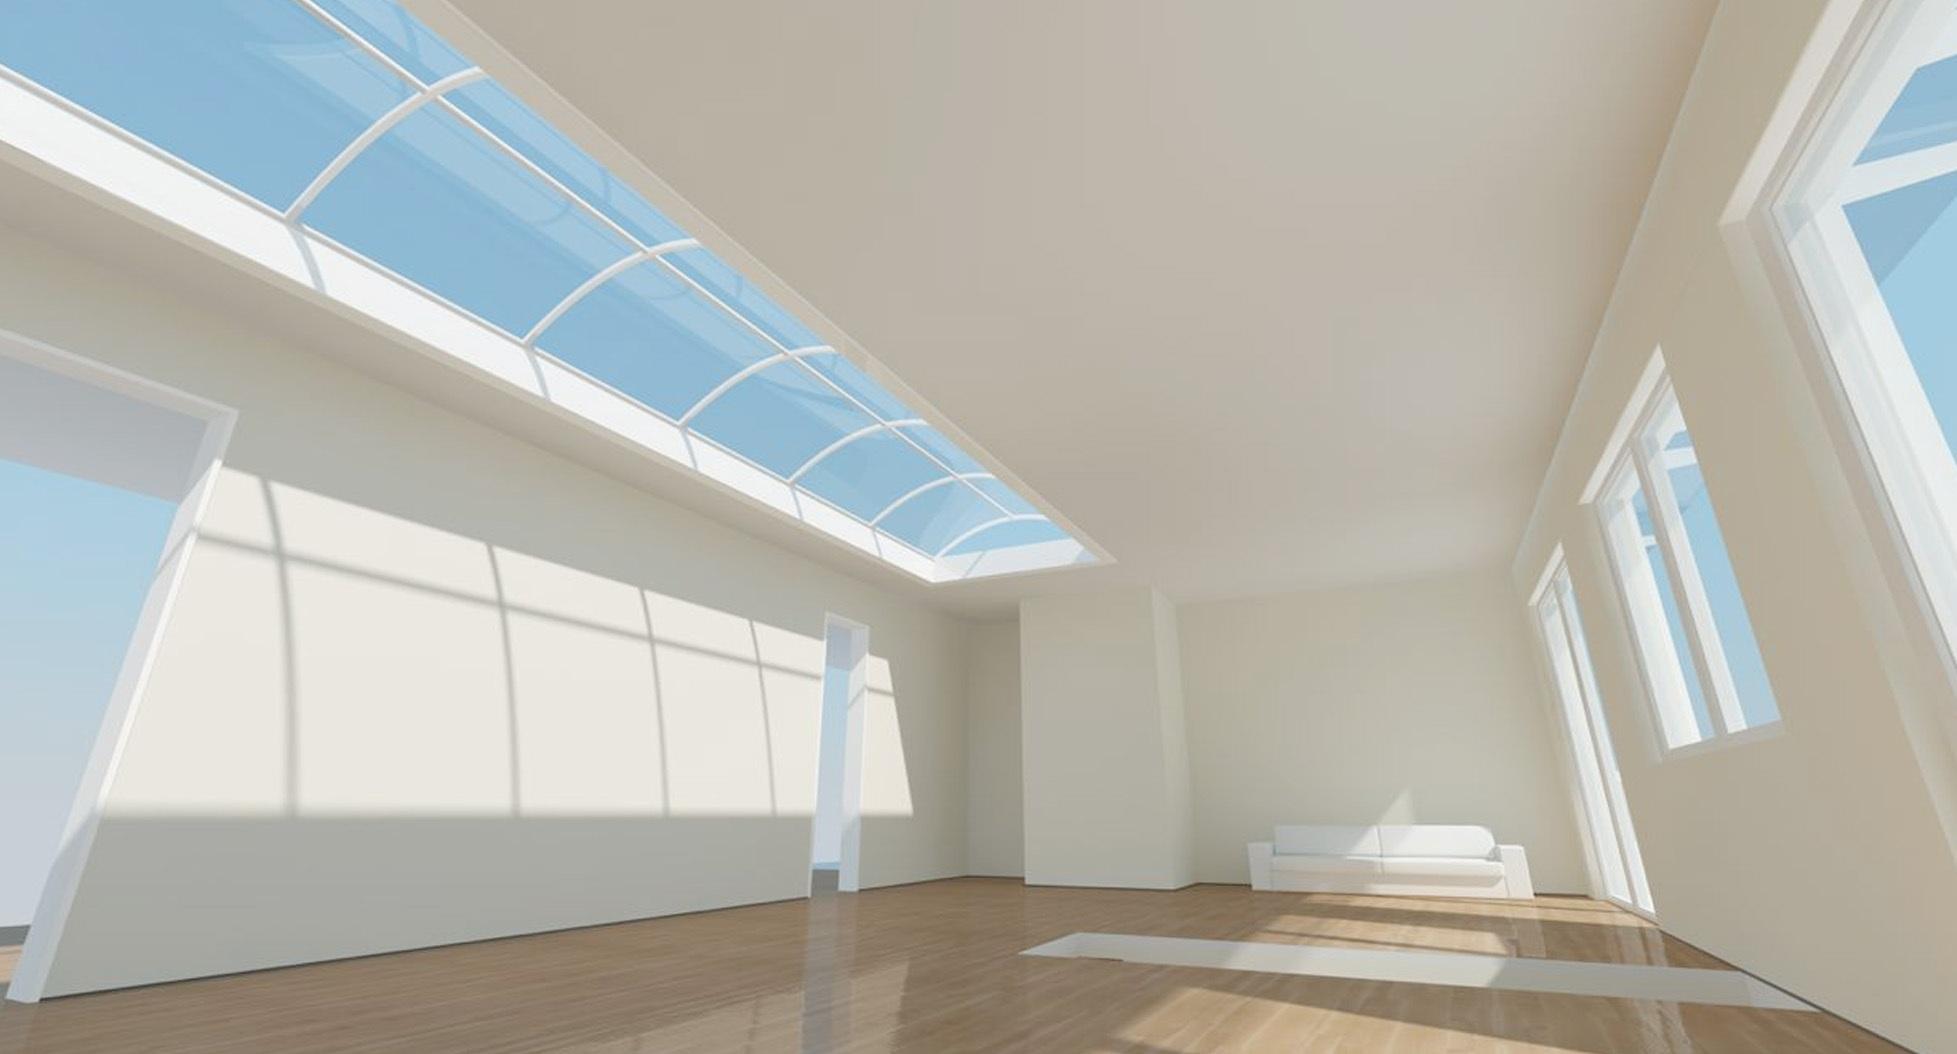 Gratis billeder : etage, interiør, udsigt, hjem, levende, loft, hal ...